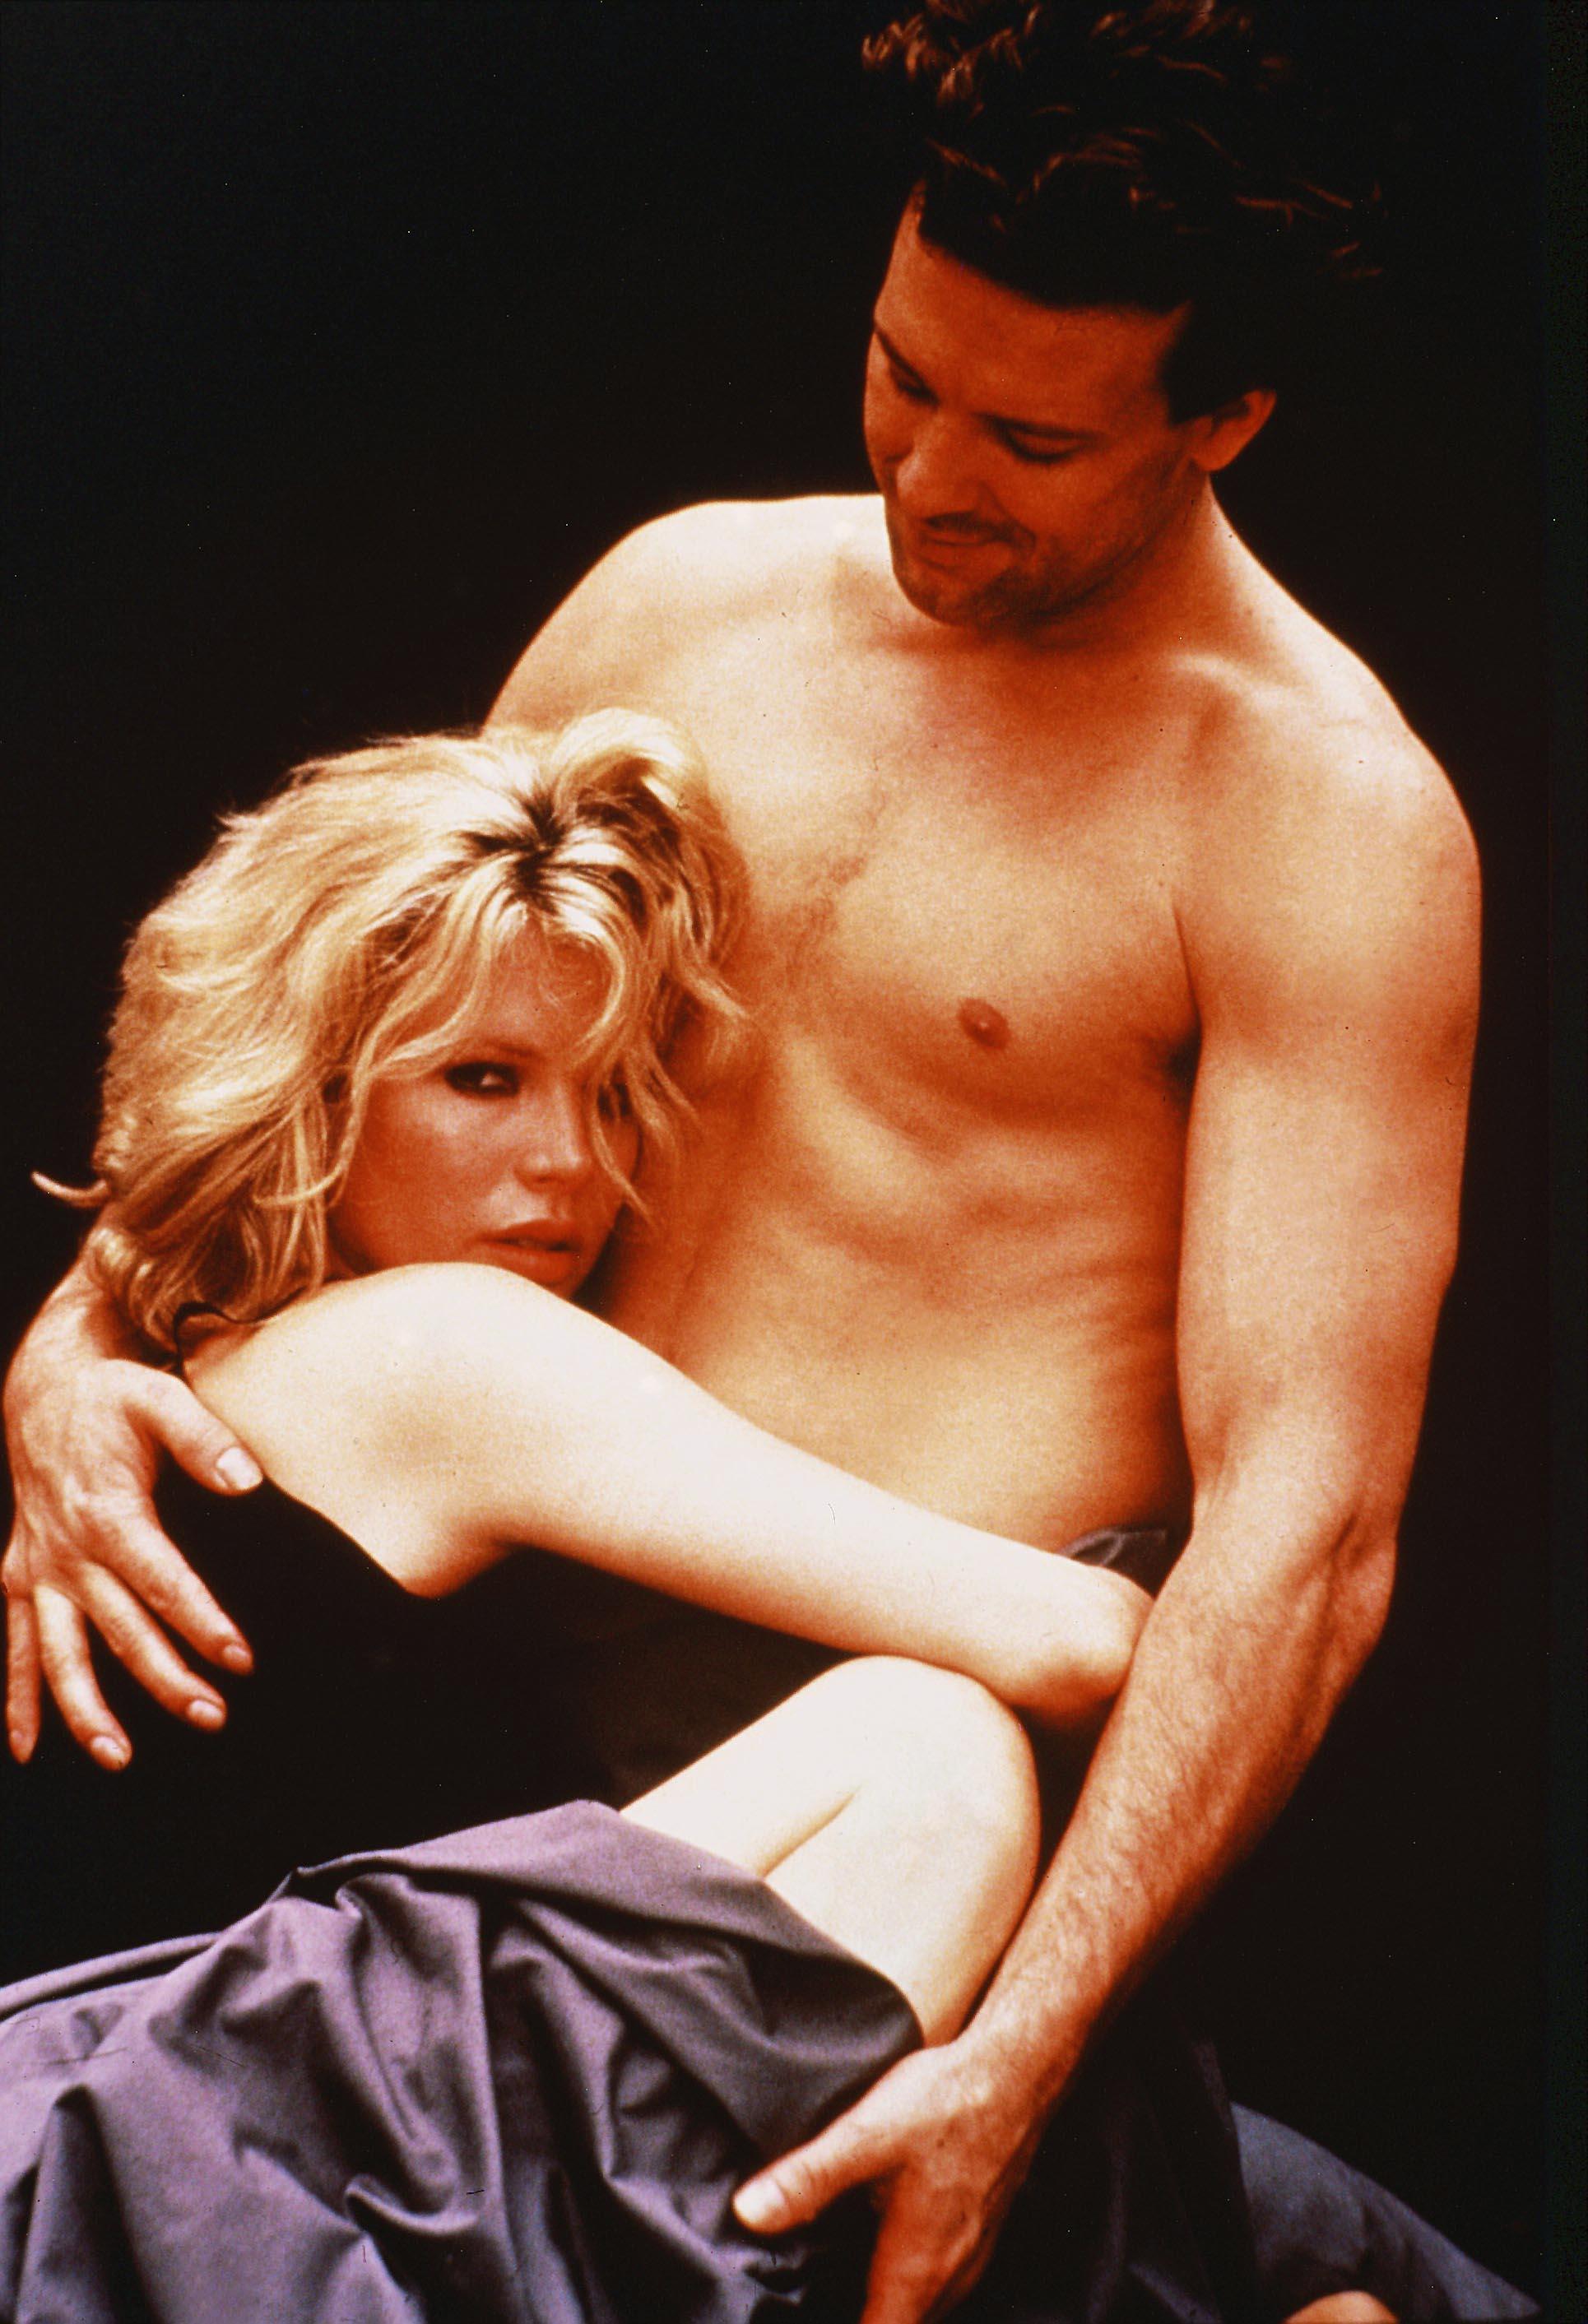 """La historia real de sexo y perversión durante la filmación de """"Nueve semanas y media"""", el éxito que perturbó para siempre a Kim Basinger - Infobae"""